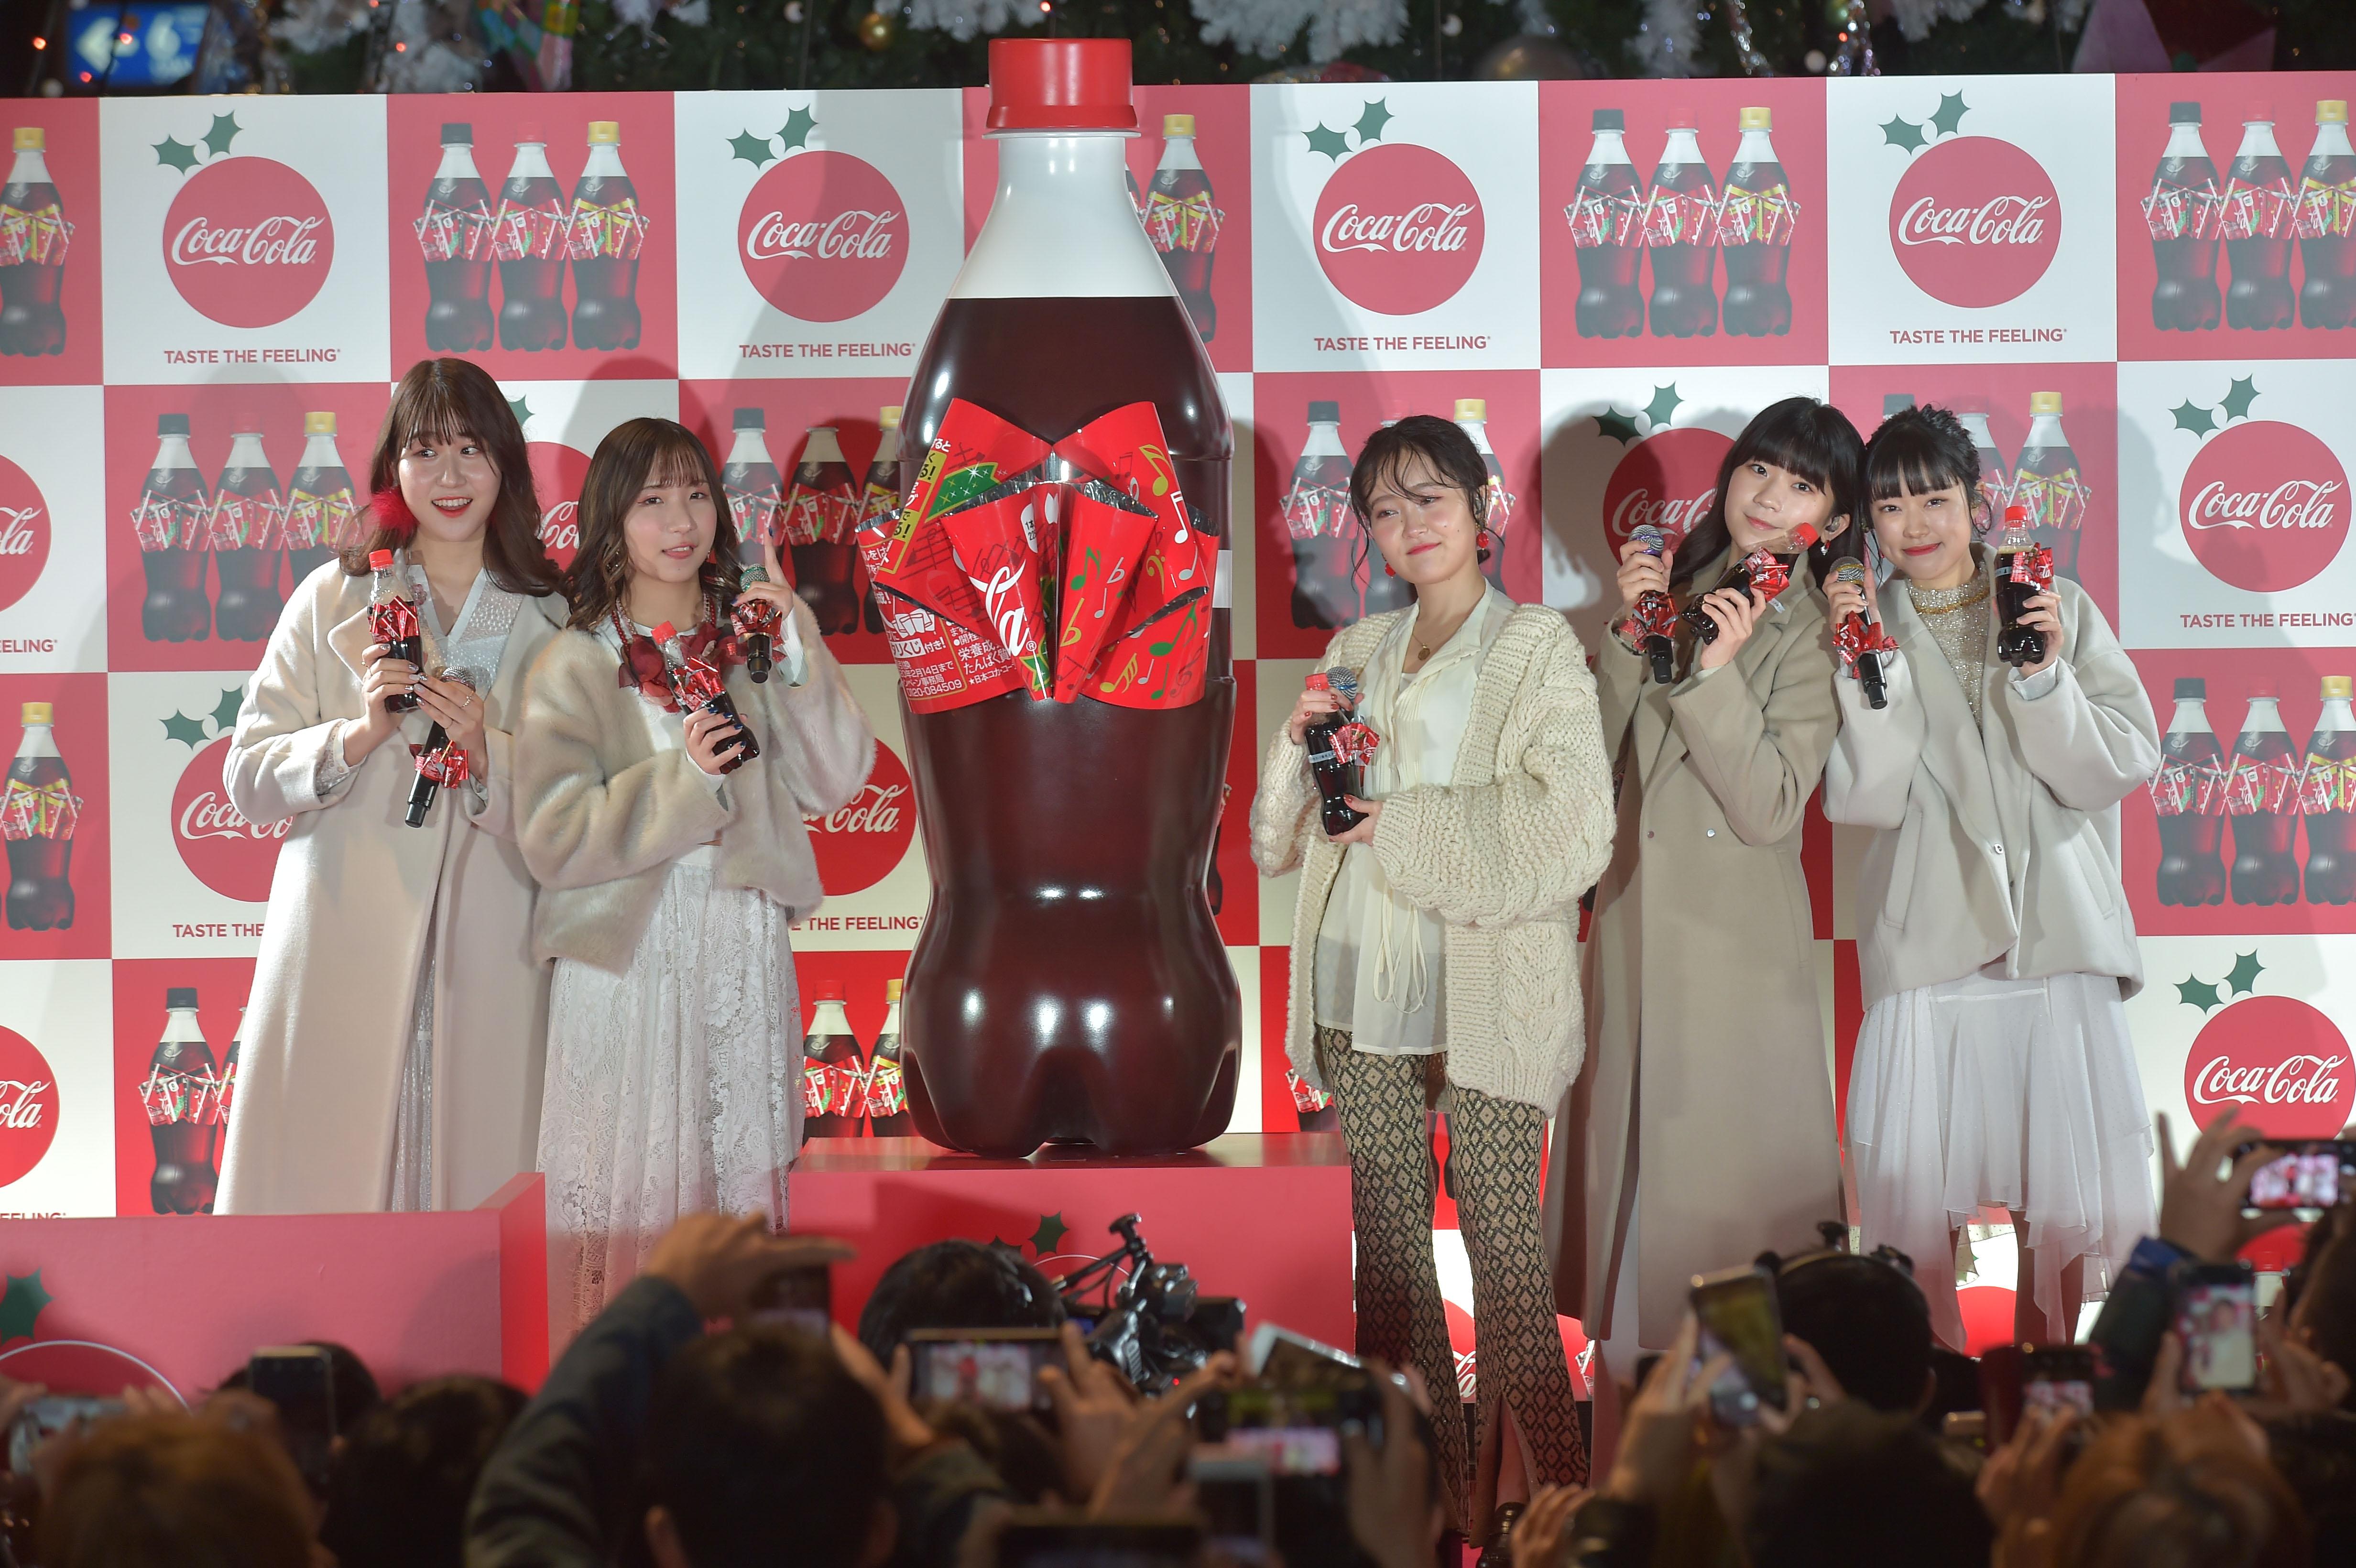 Little Glee Monster/2019年11月19日、二子玉川ライズ ガレリアにて開催された「コカ・コーラ」のイベントにて。